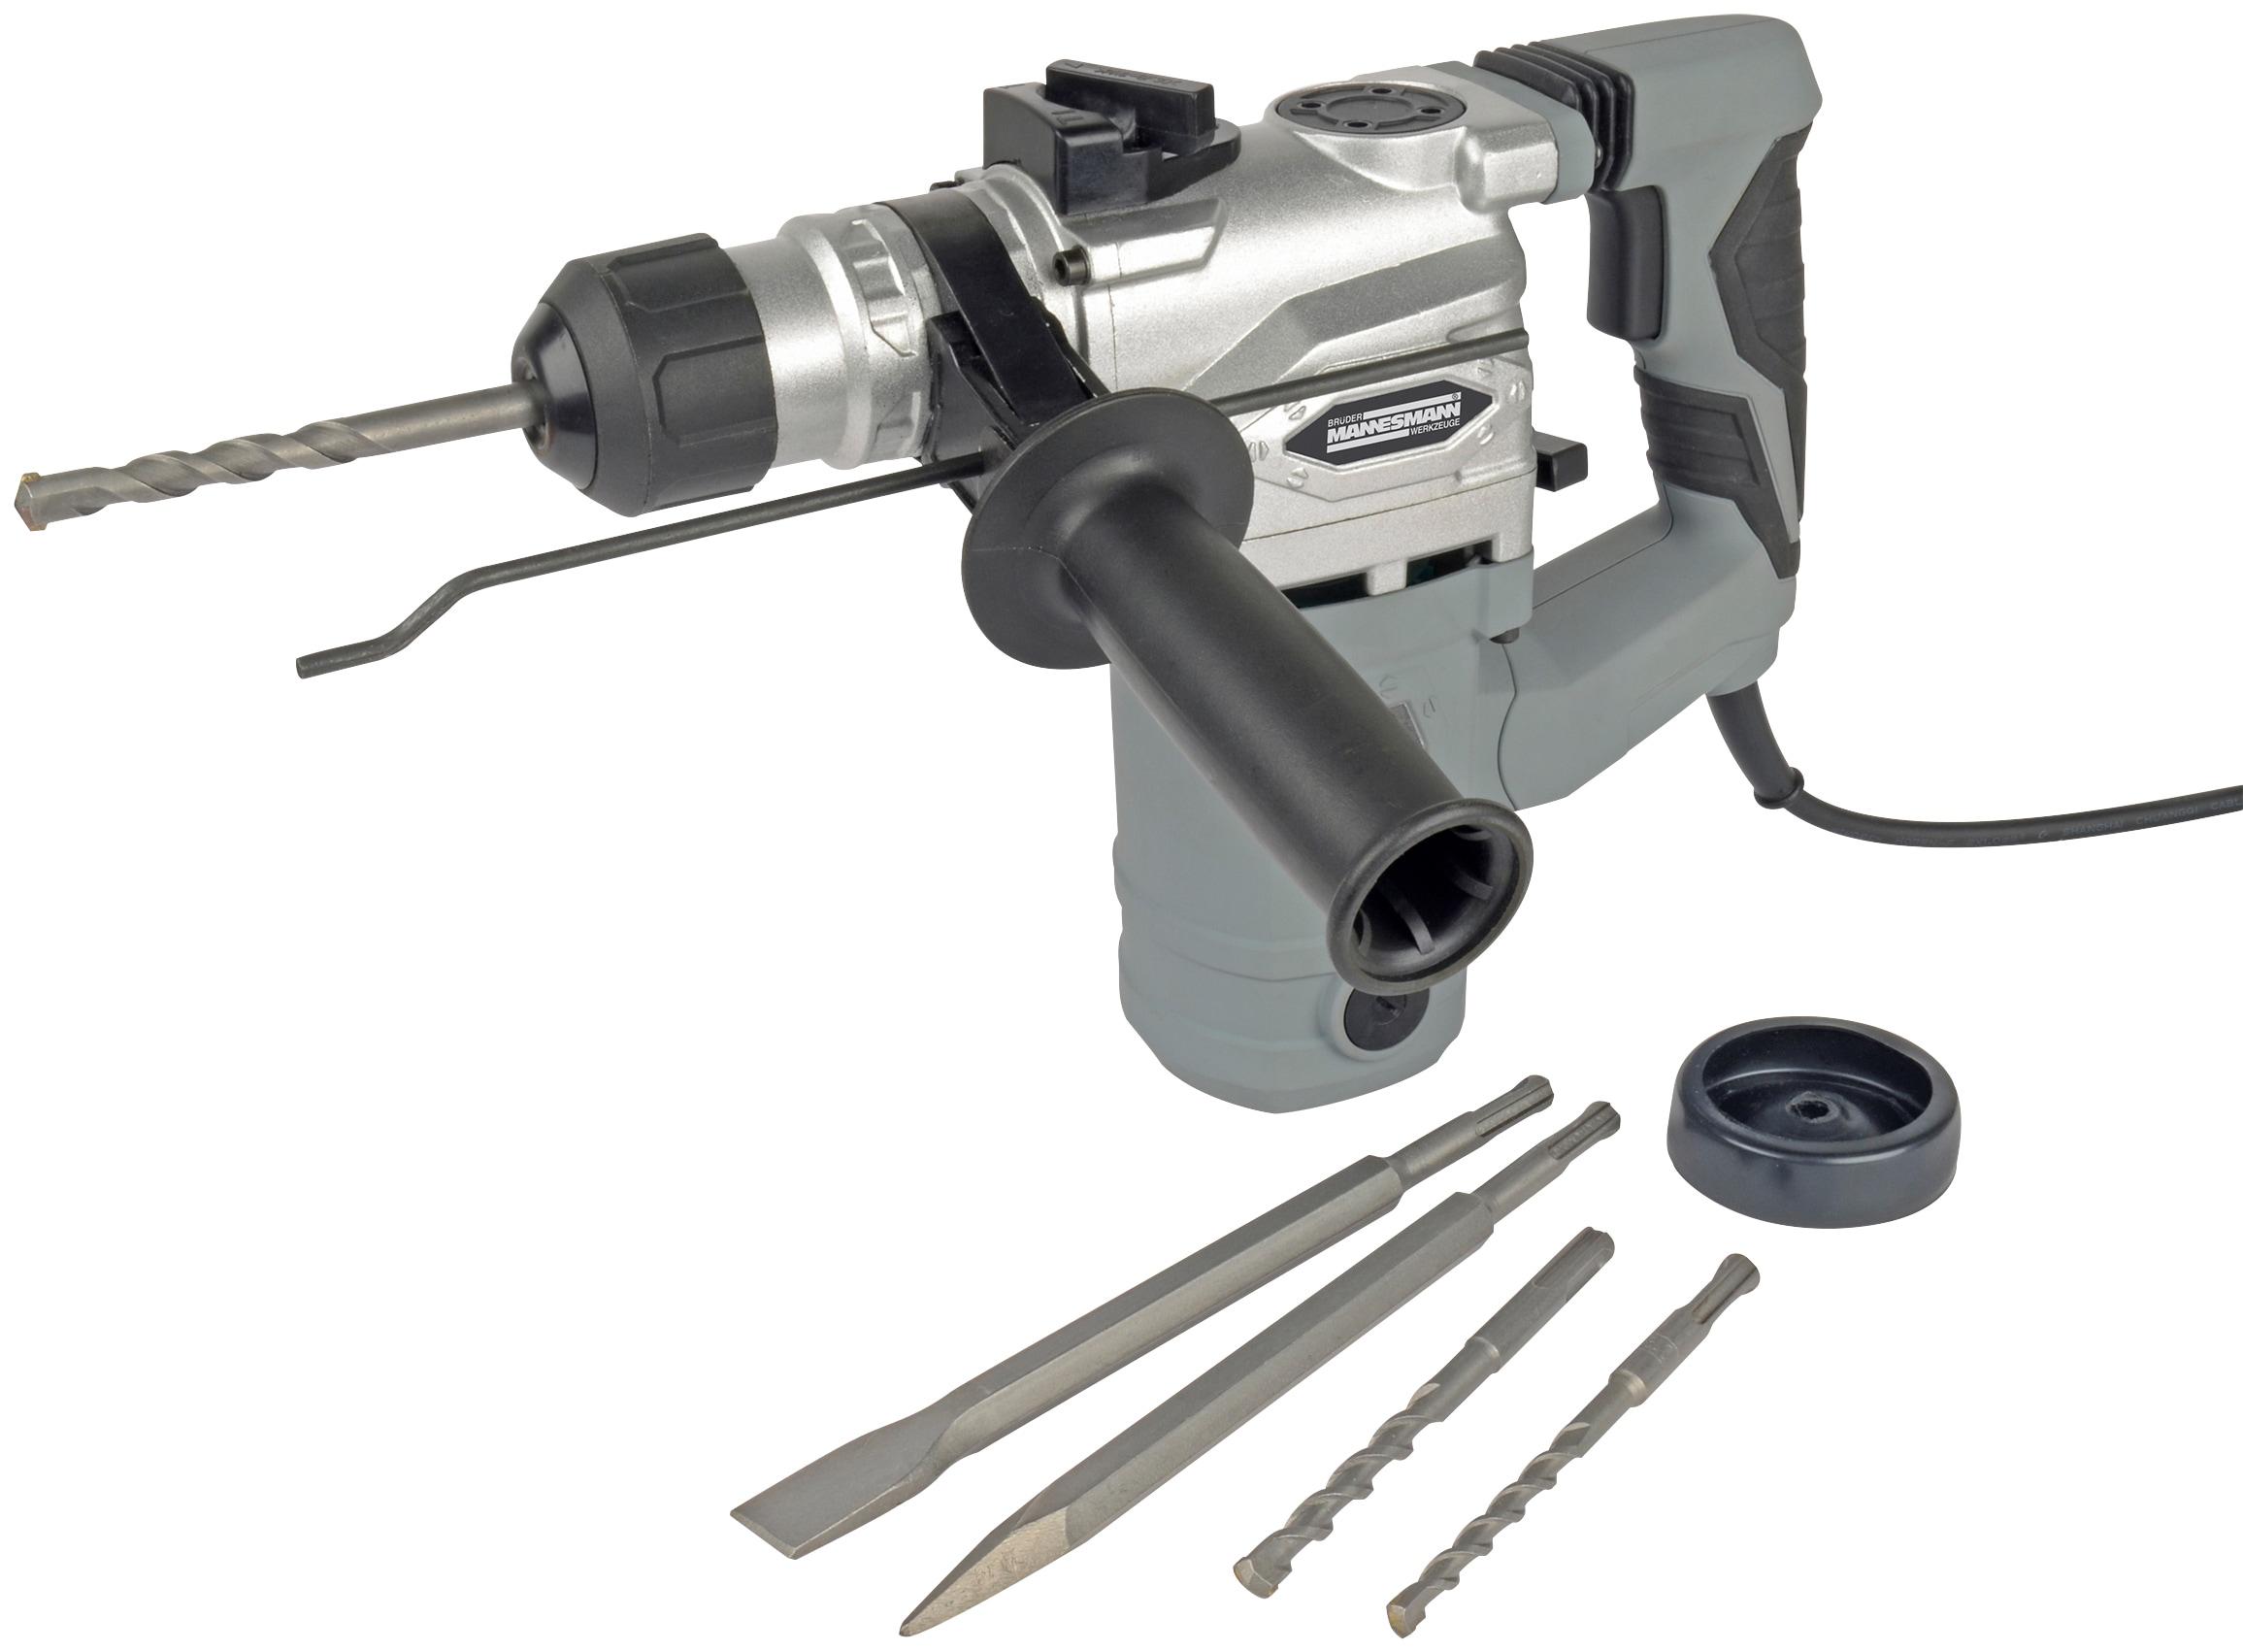 Brüder Mannesmann Werkzeuge Bohrhammer 1500W grau Bohrhämmer Werkzeug Maschinen